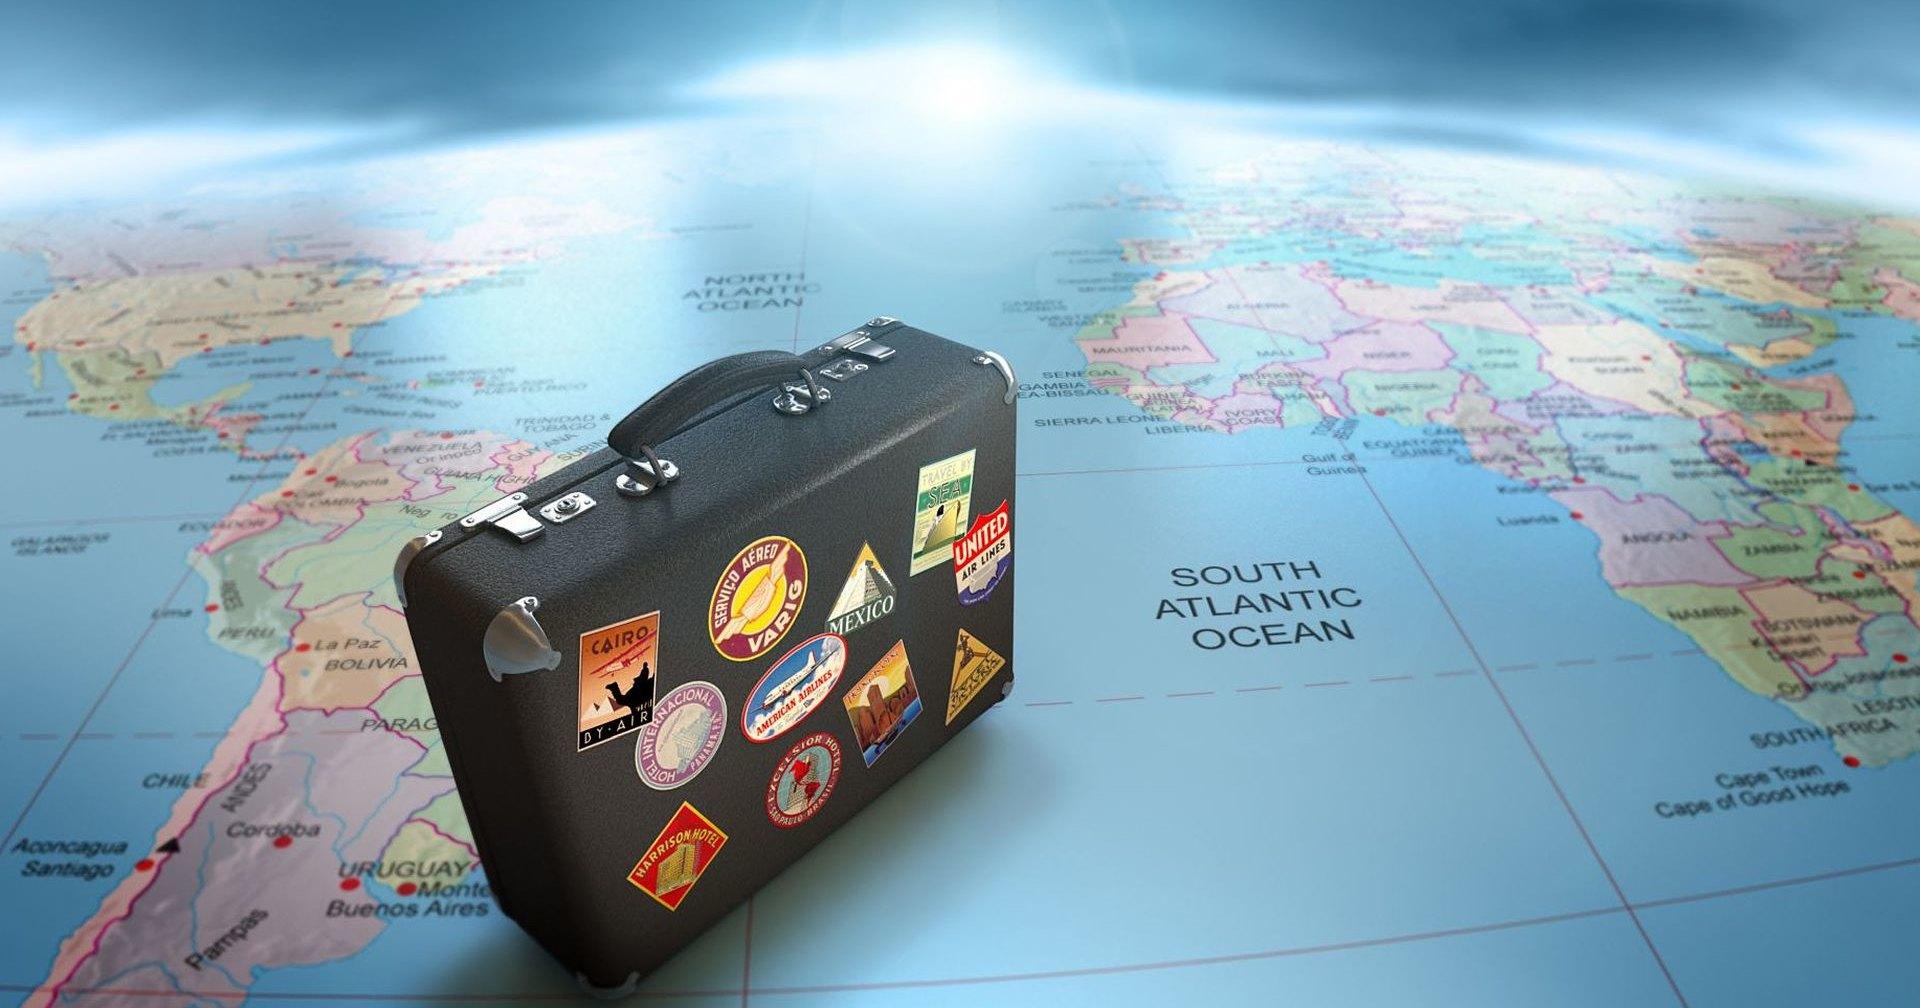 24 полезных лайфхака для путешествий: собираемся в дорогу